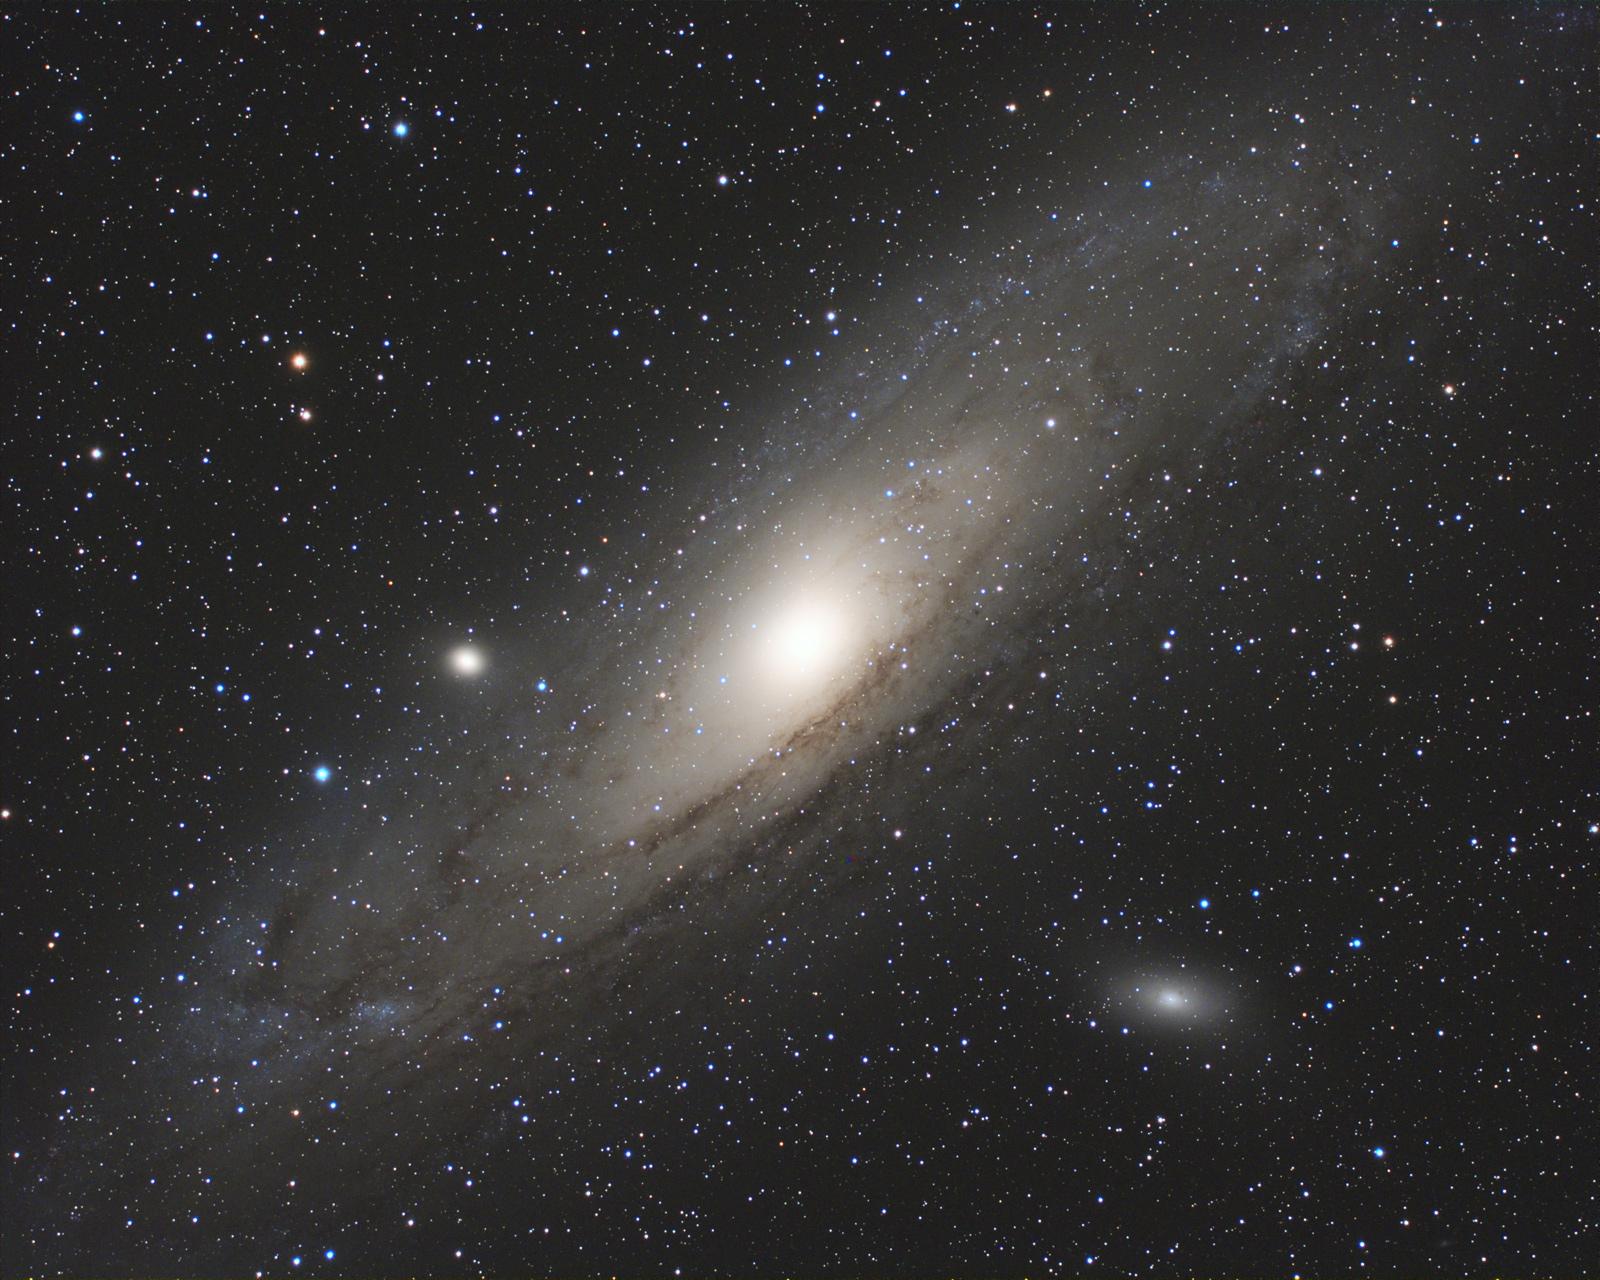 M31_fc60f6_lrgb